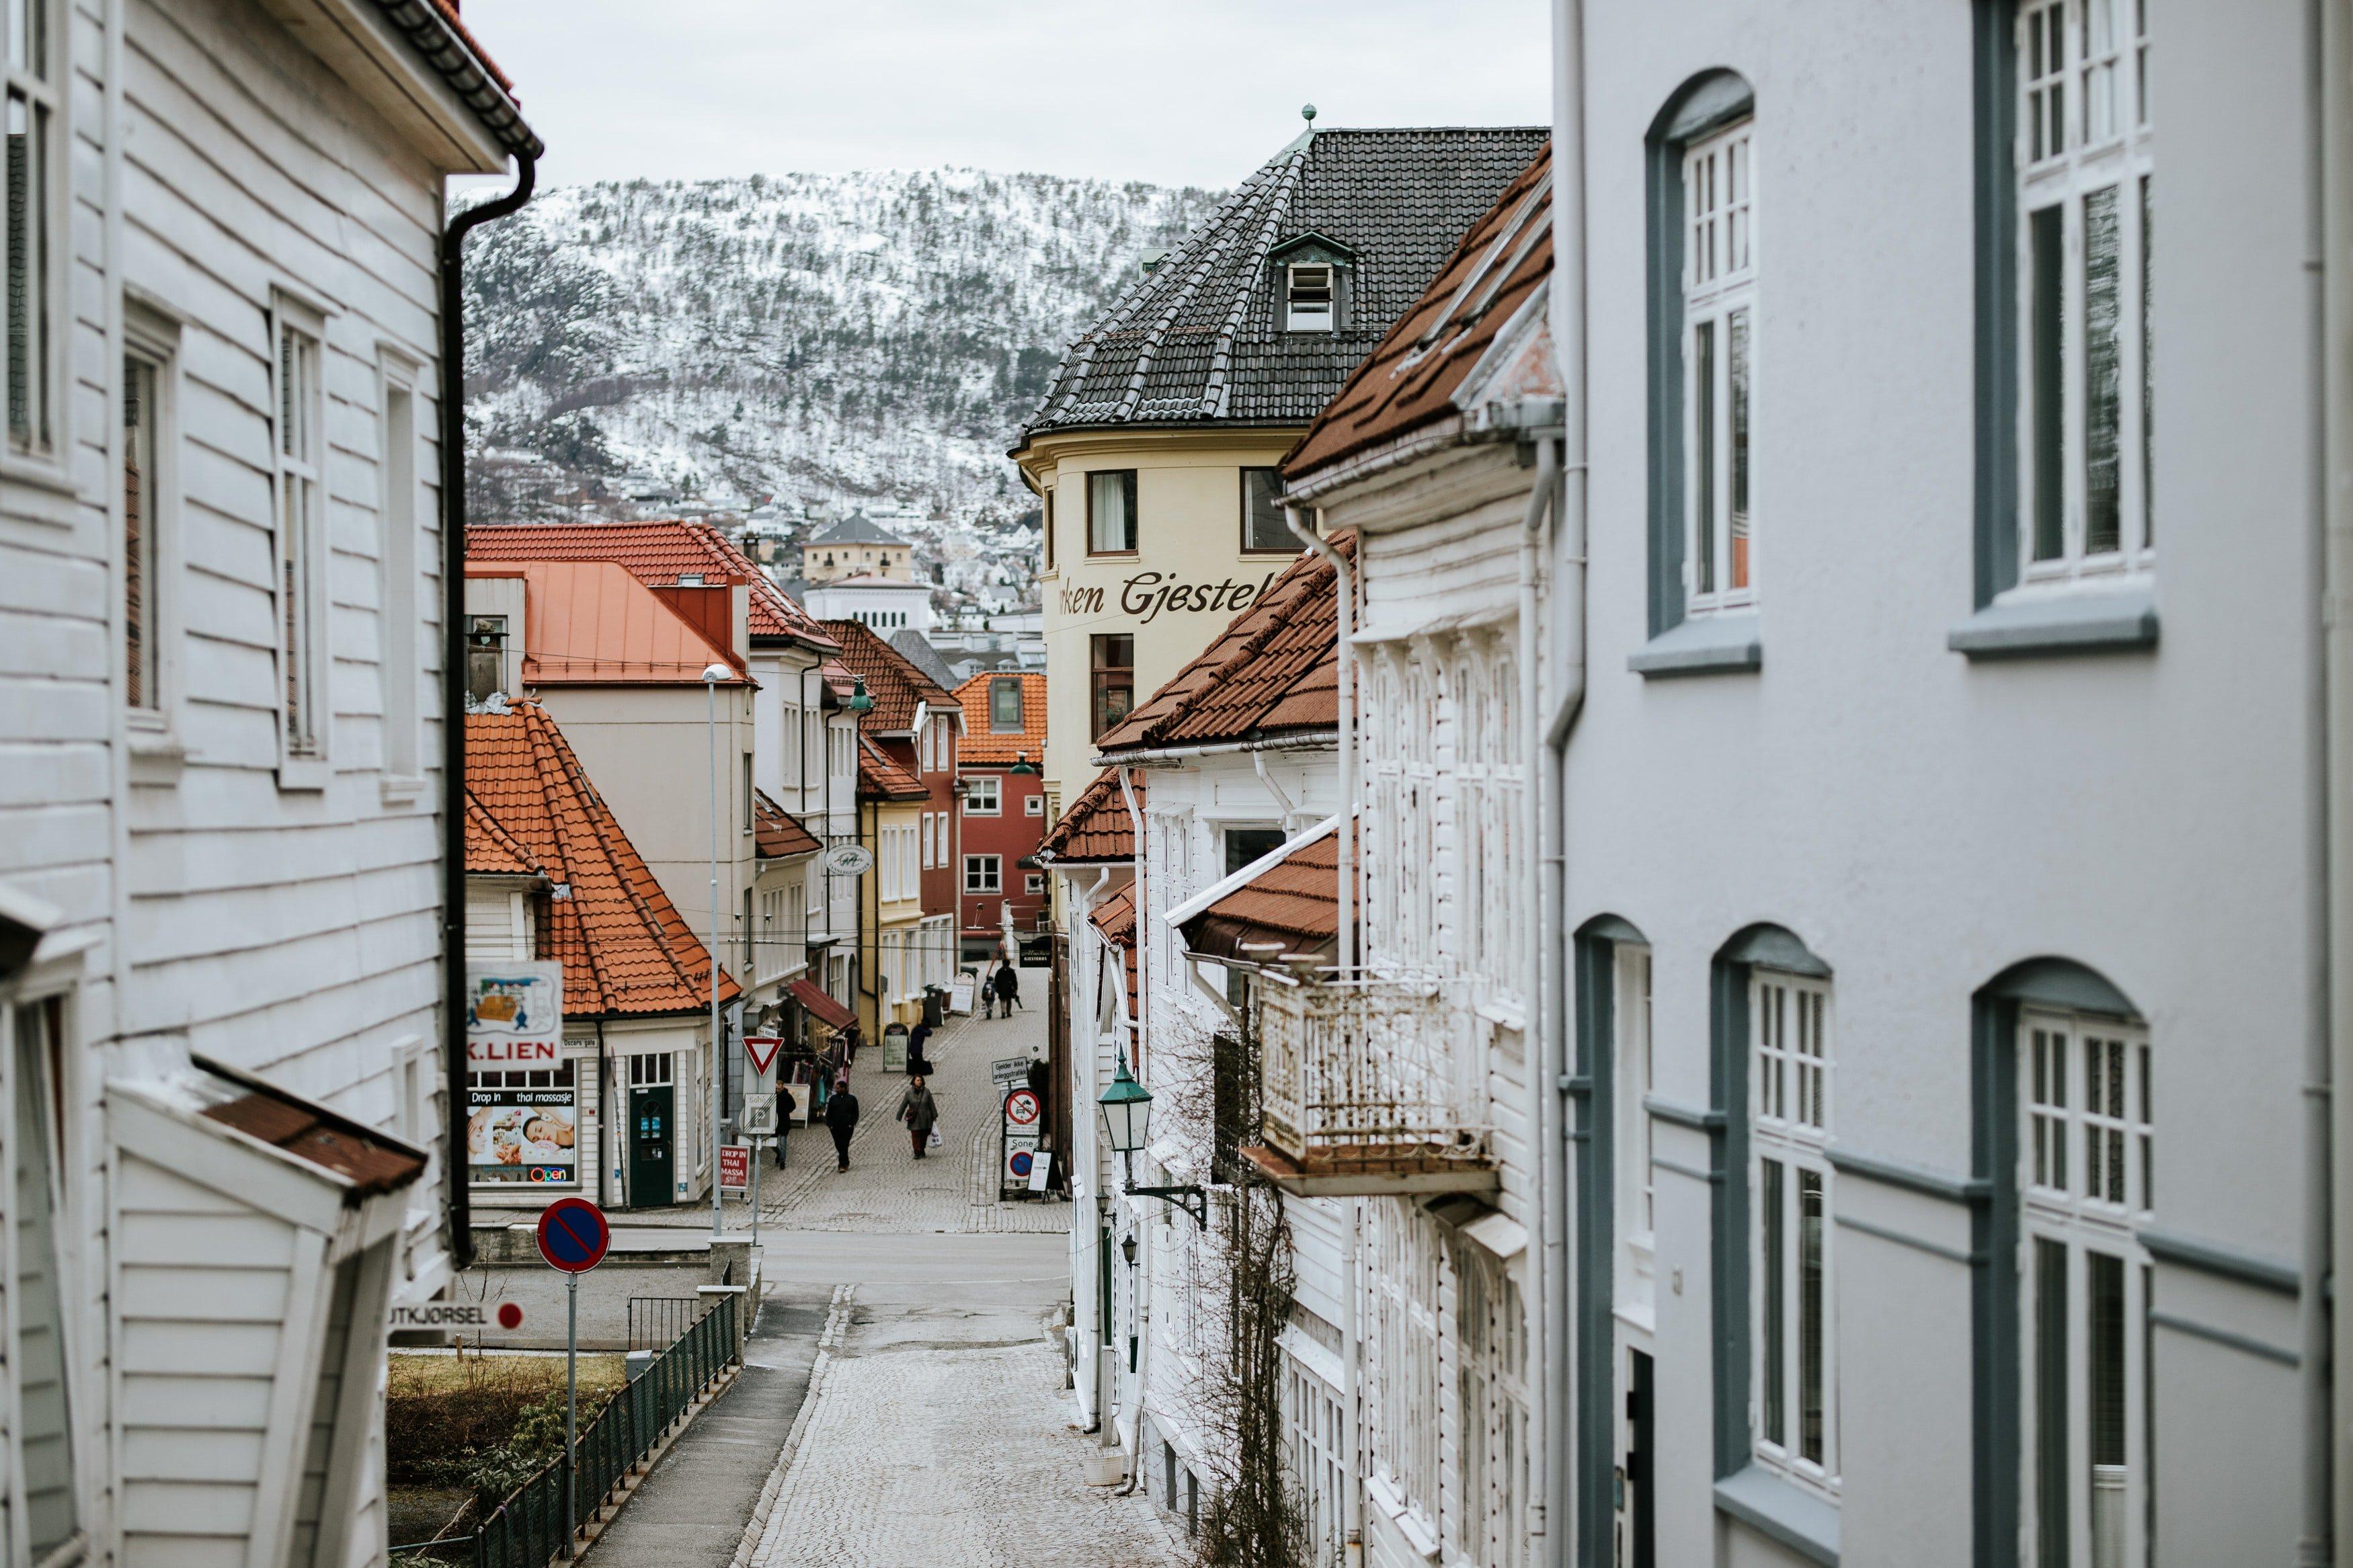 Bryggen streets